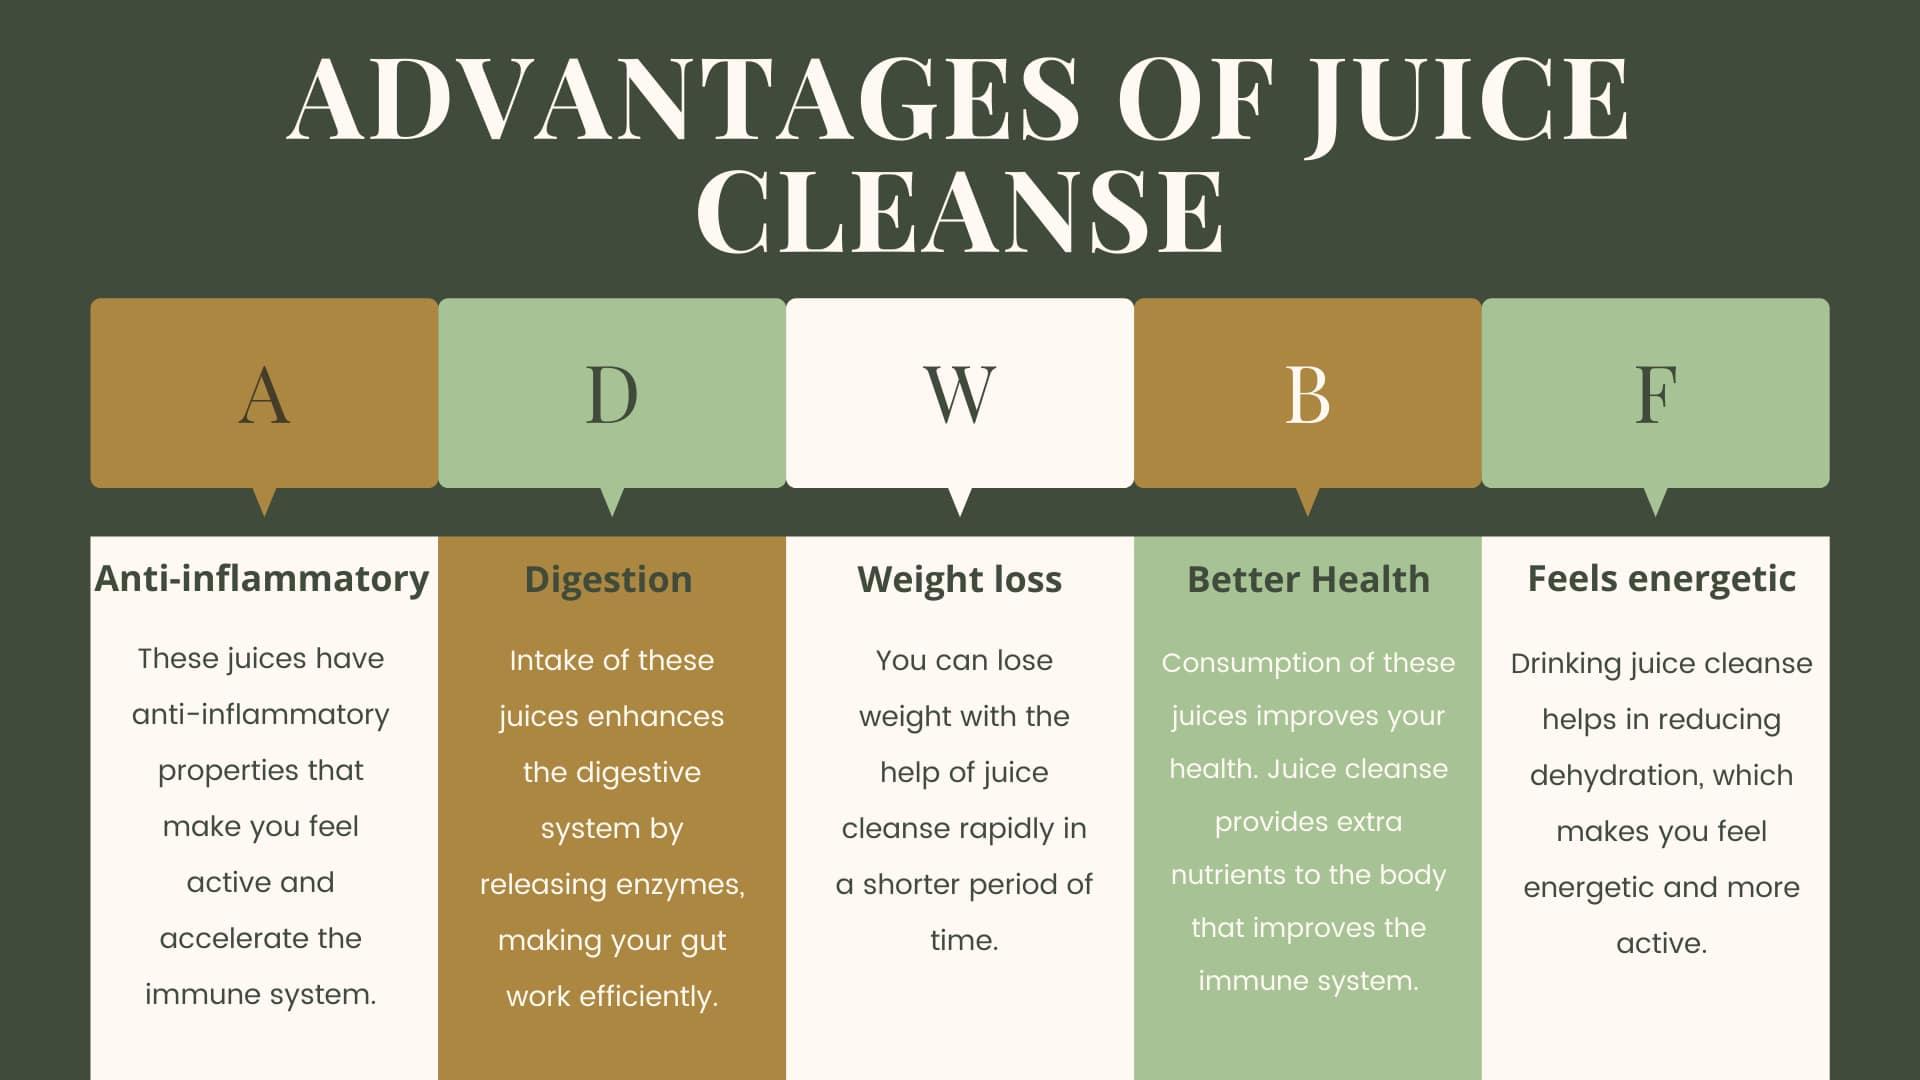 Advantages of Juice Cleanse